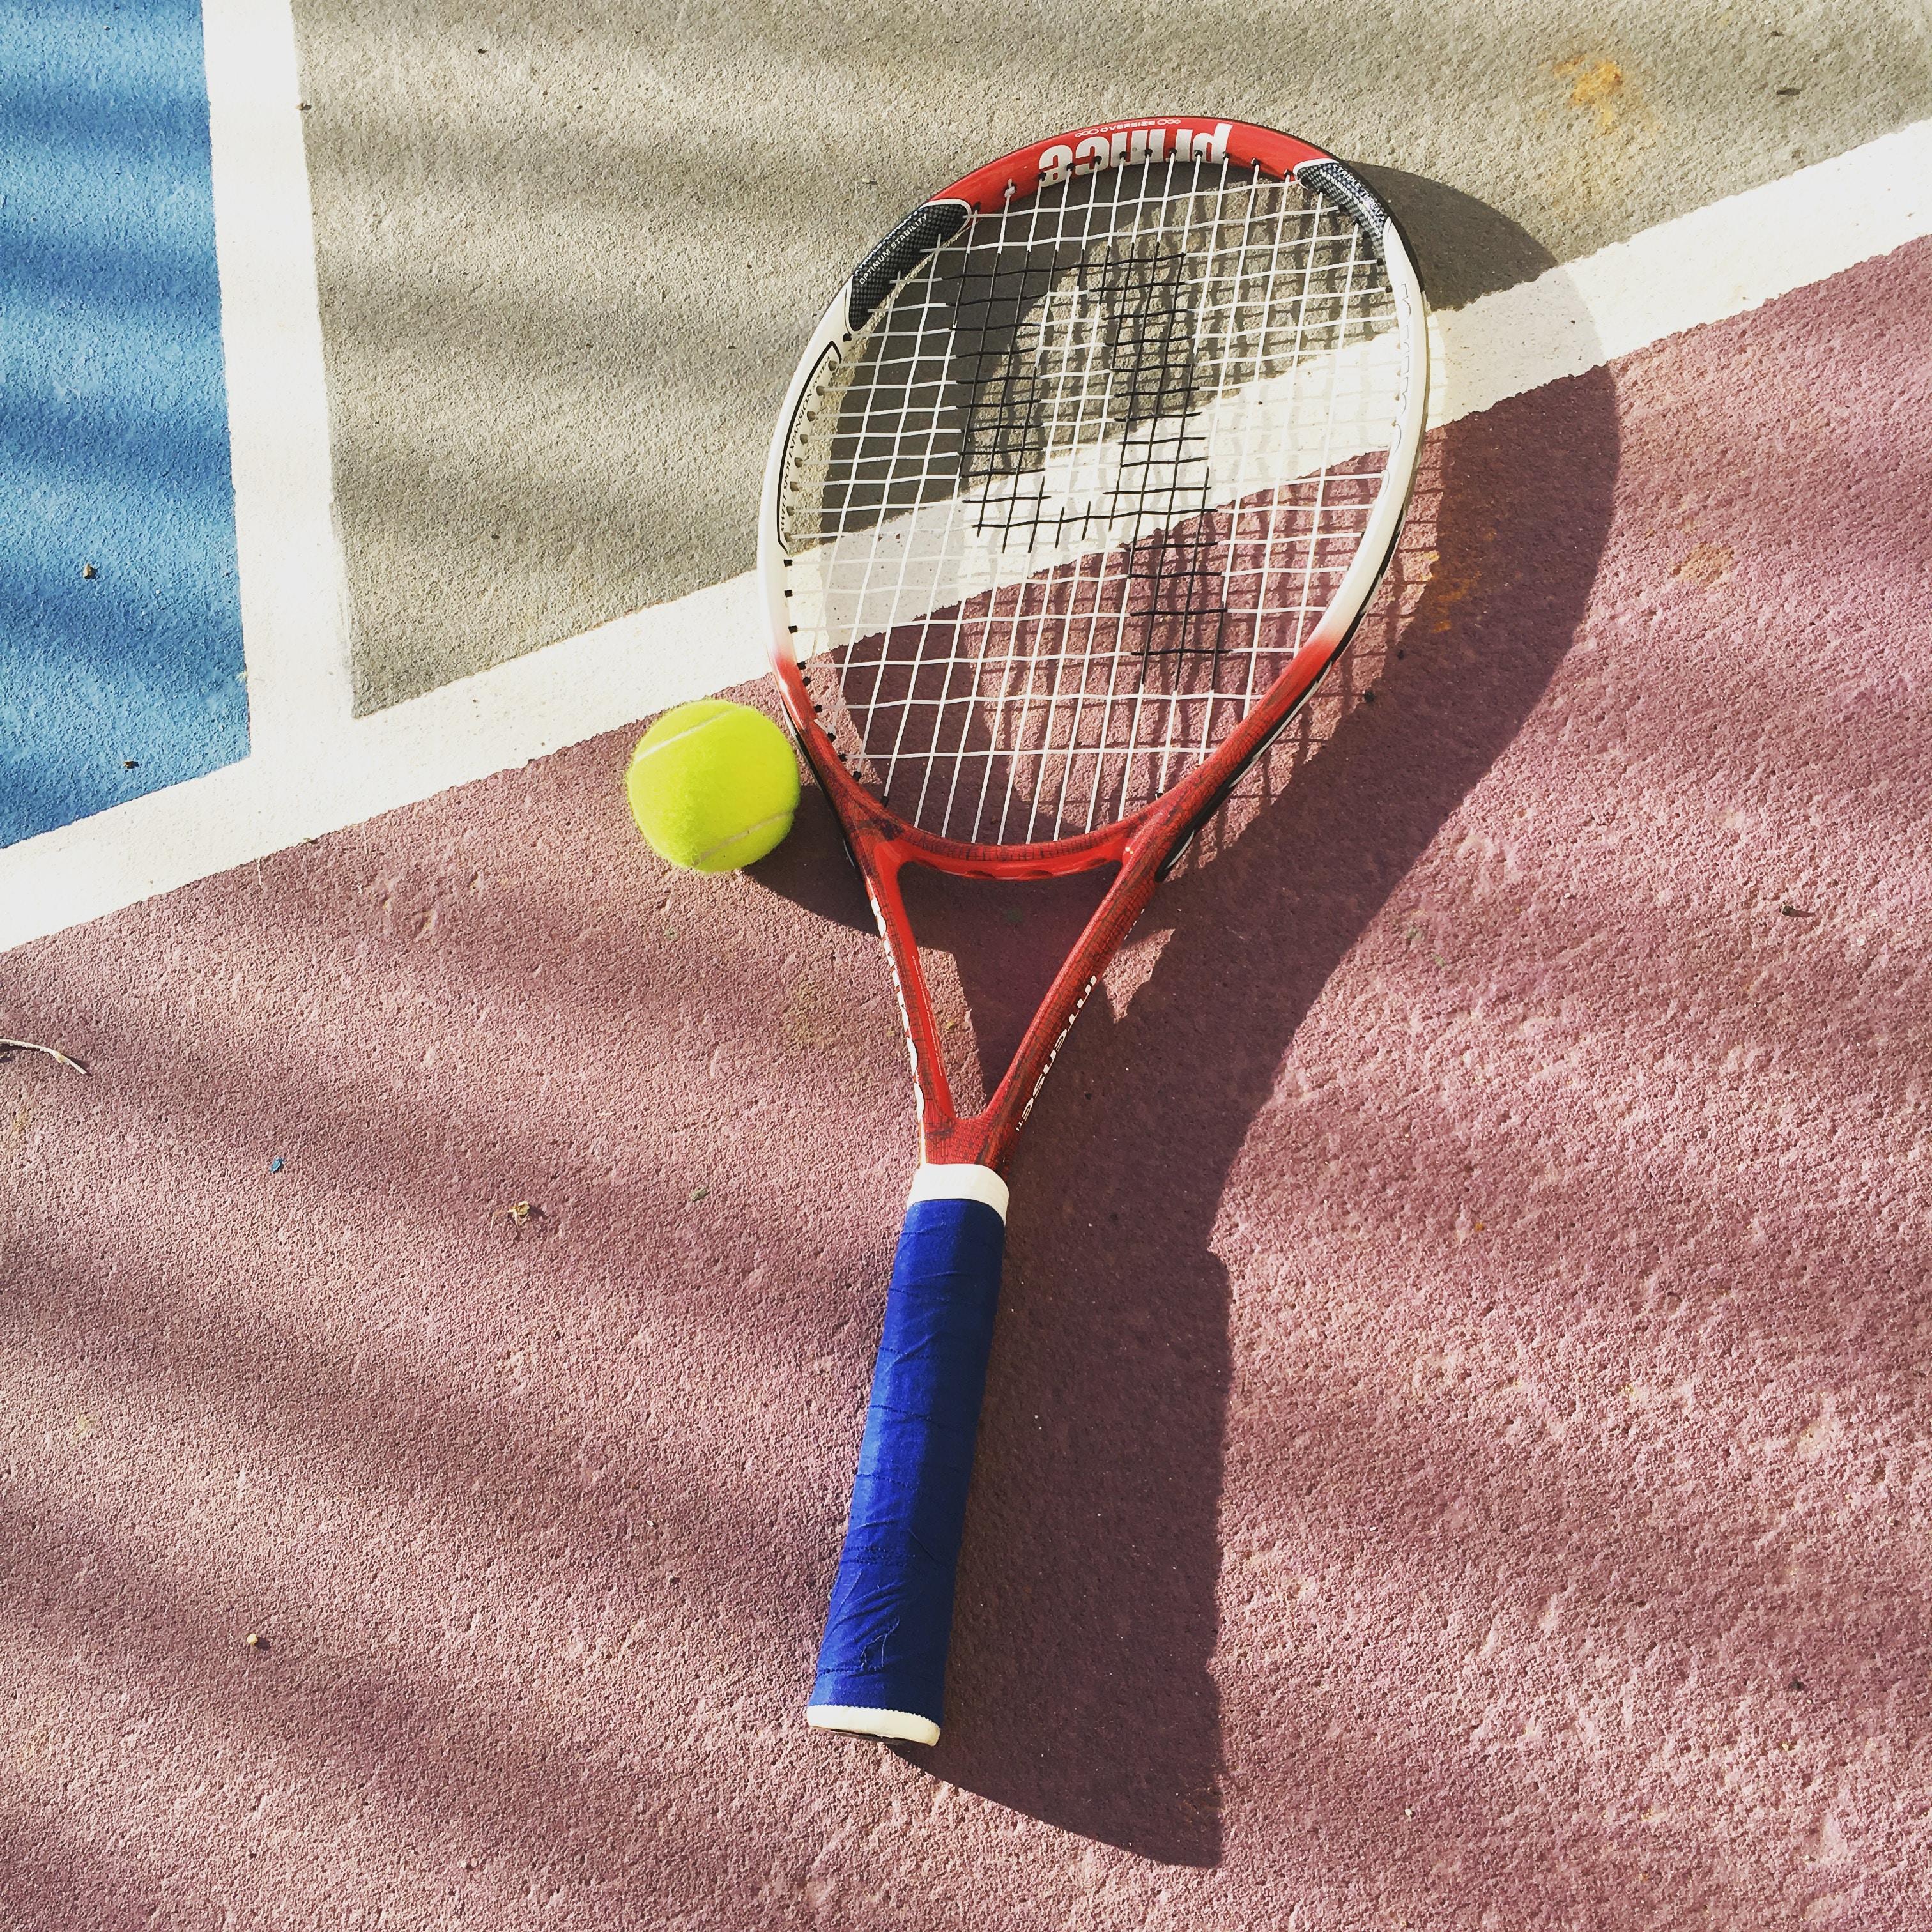 Regras do Tênis